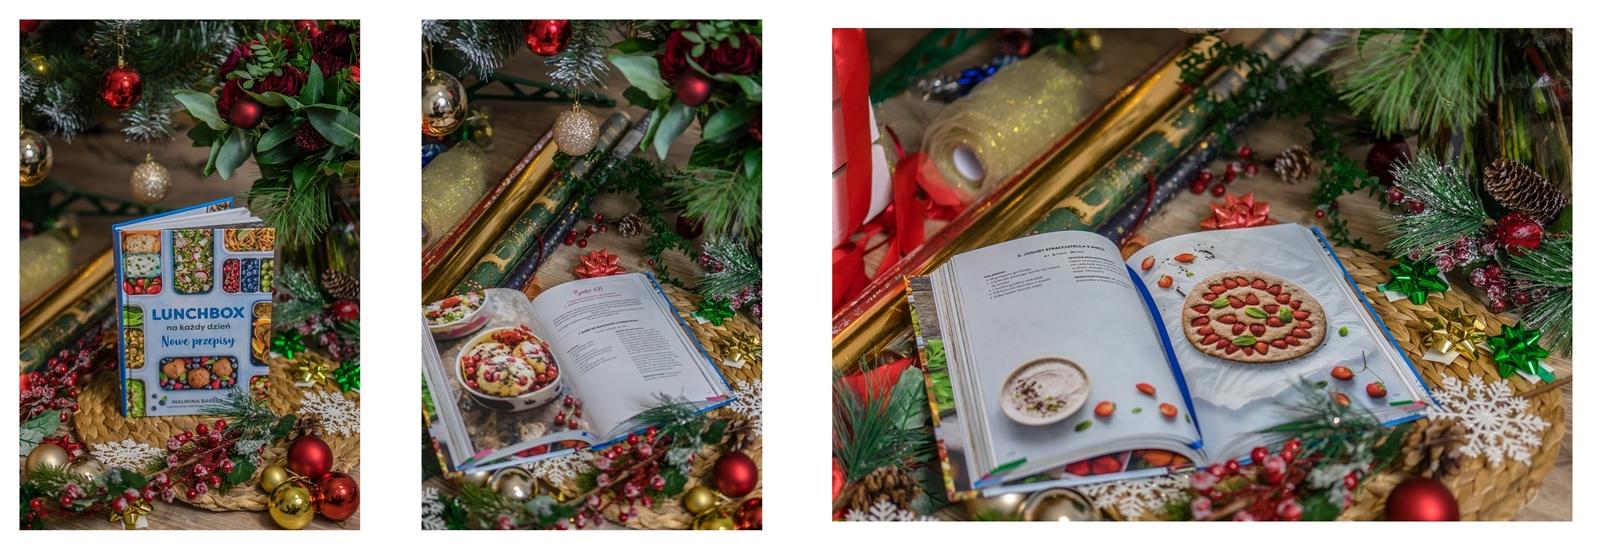 3 Co na prezenty świąteczne pod choinkę i na święta bożego narodzenia, pomysły na prezent do nowego domu do 200, 100, 150, 50, 30, 20 do 40 zł dla niego, dla rodziców dla mamy, dla niej dla babci 10latki